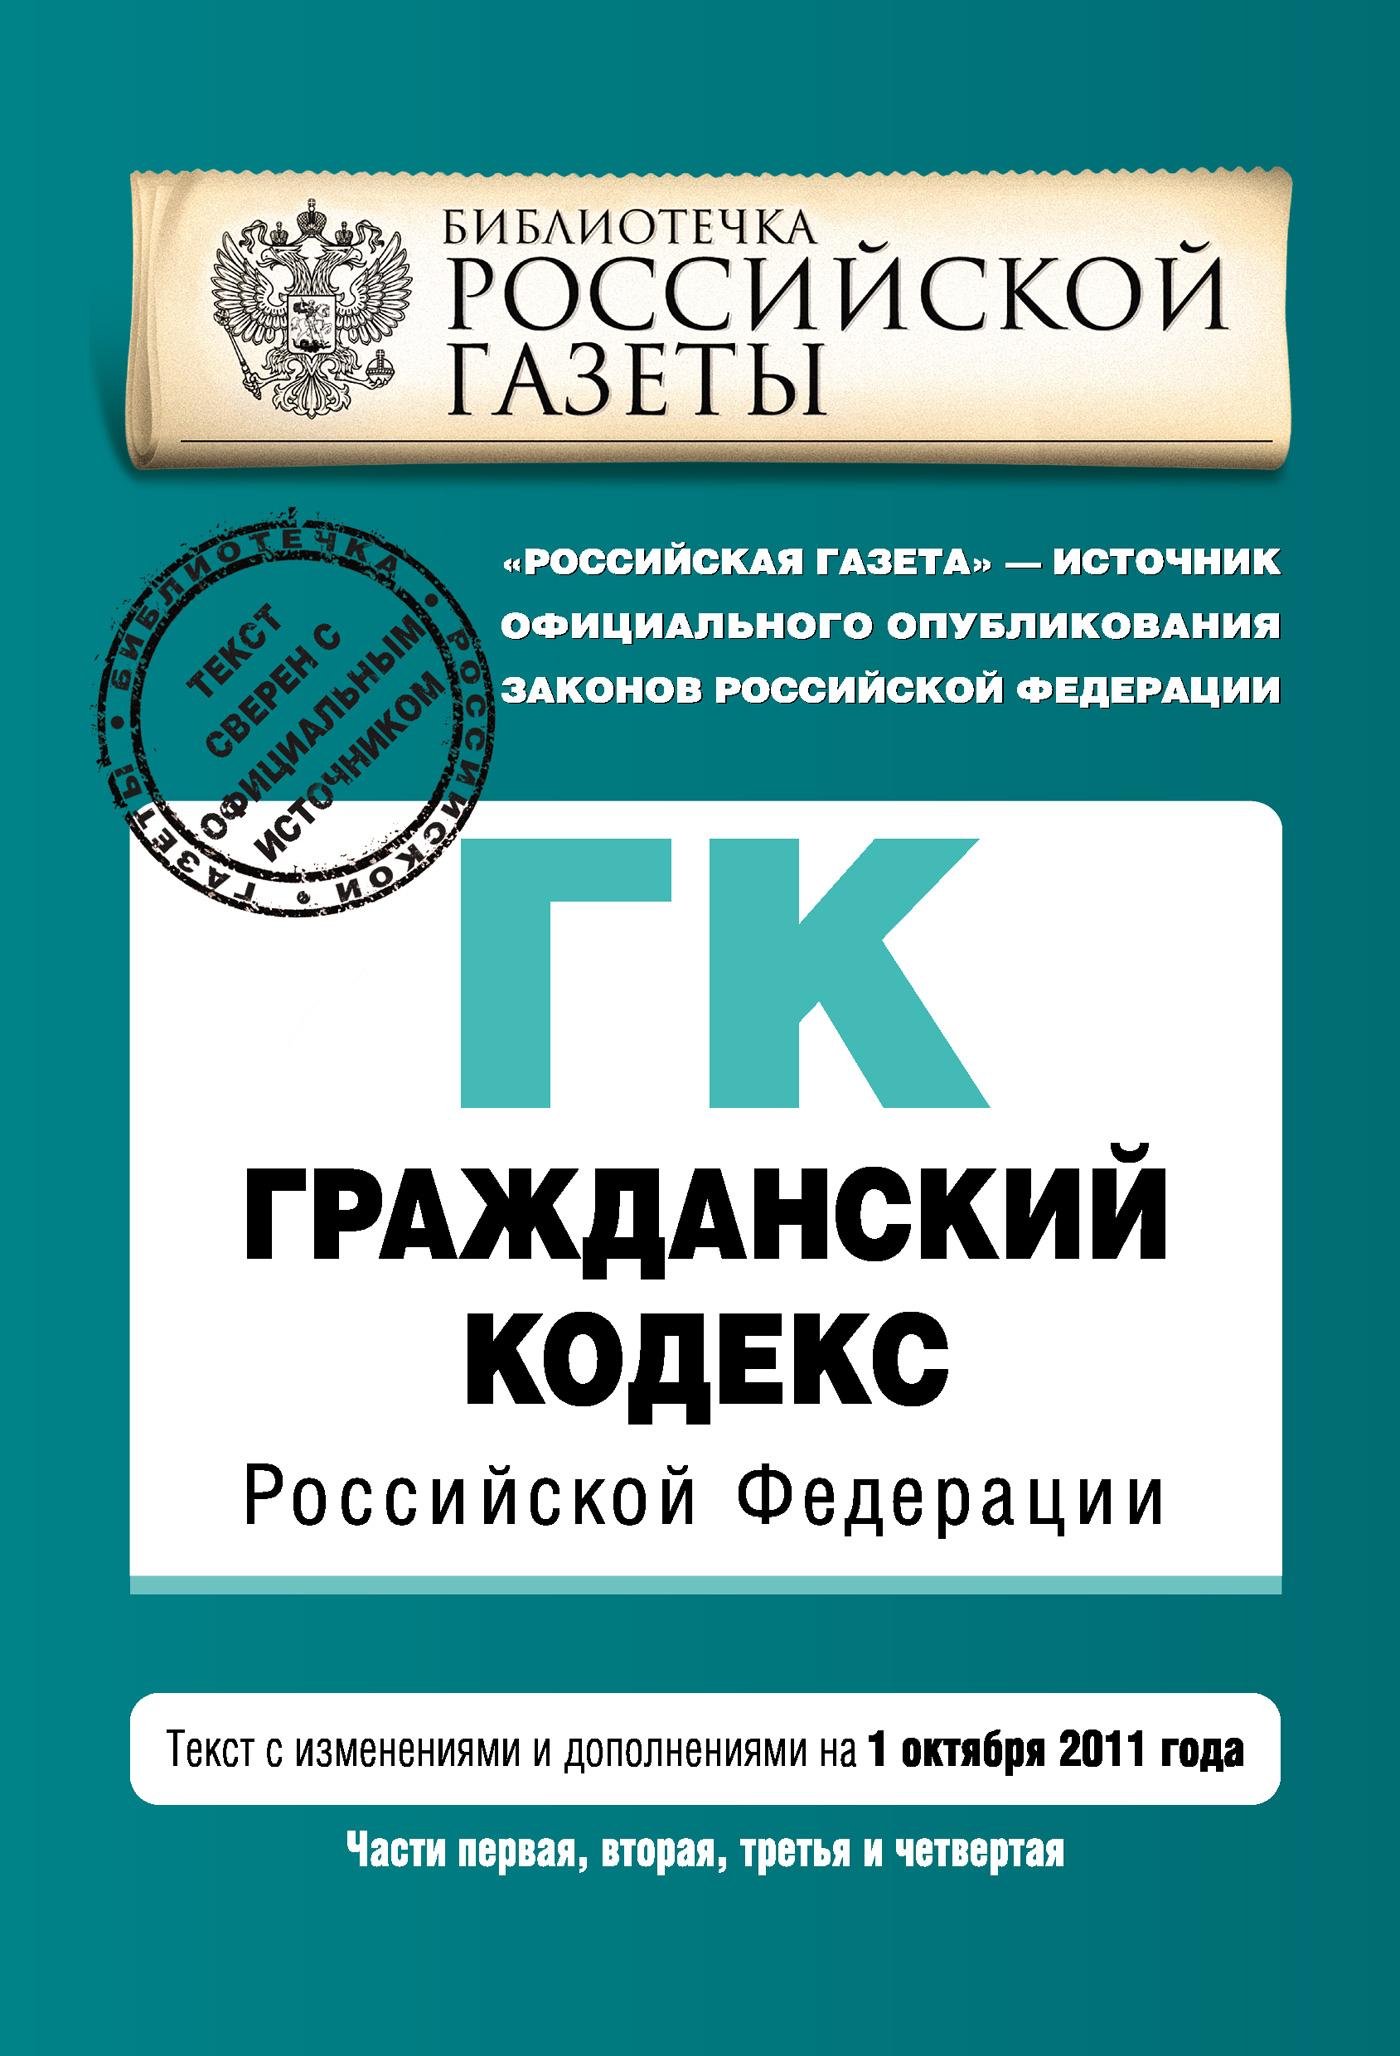 Гражданский кодекс Российской Федерации. Части первая, вторая, третья и четвертая. Текст с изменениями и дополнениями на1октября 2011г.